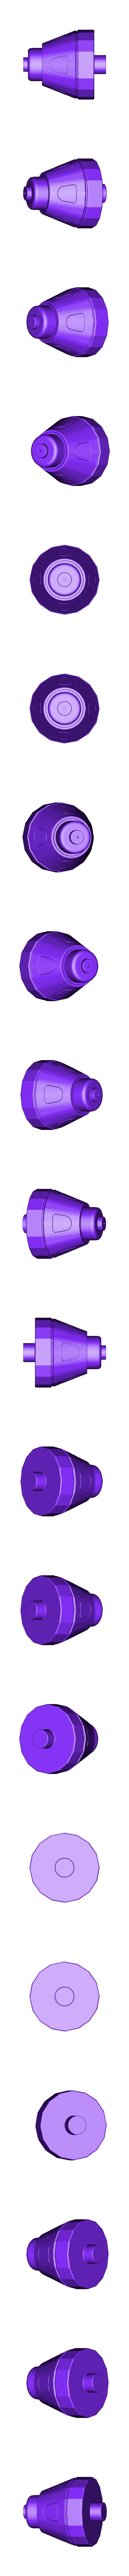 Star Trek Discovery Hypo Spray_stl_Äåòàëü4_4.stl Download OBJ file Star Trek Discovery Hypo Spray replica prop cosplay • 3D printable model, Blackeveryday